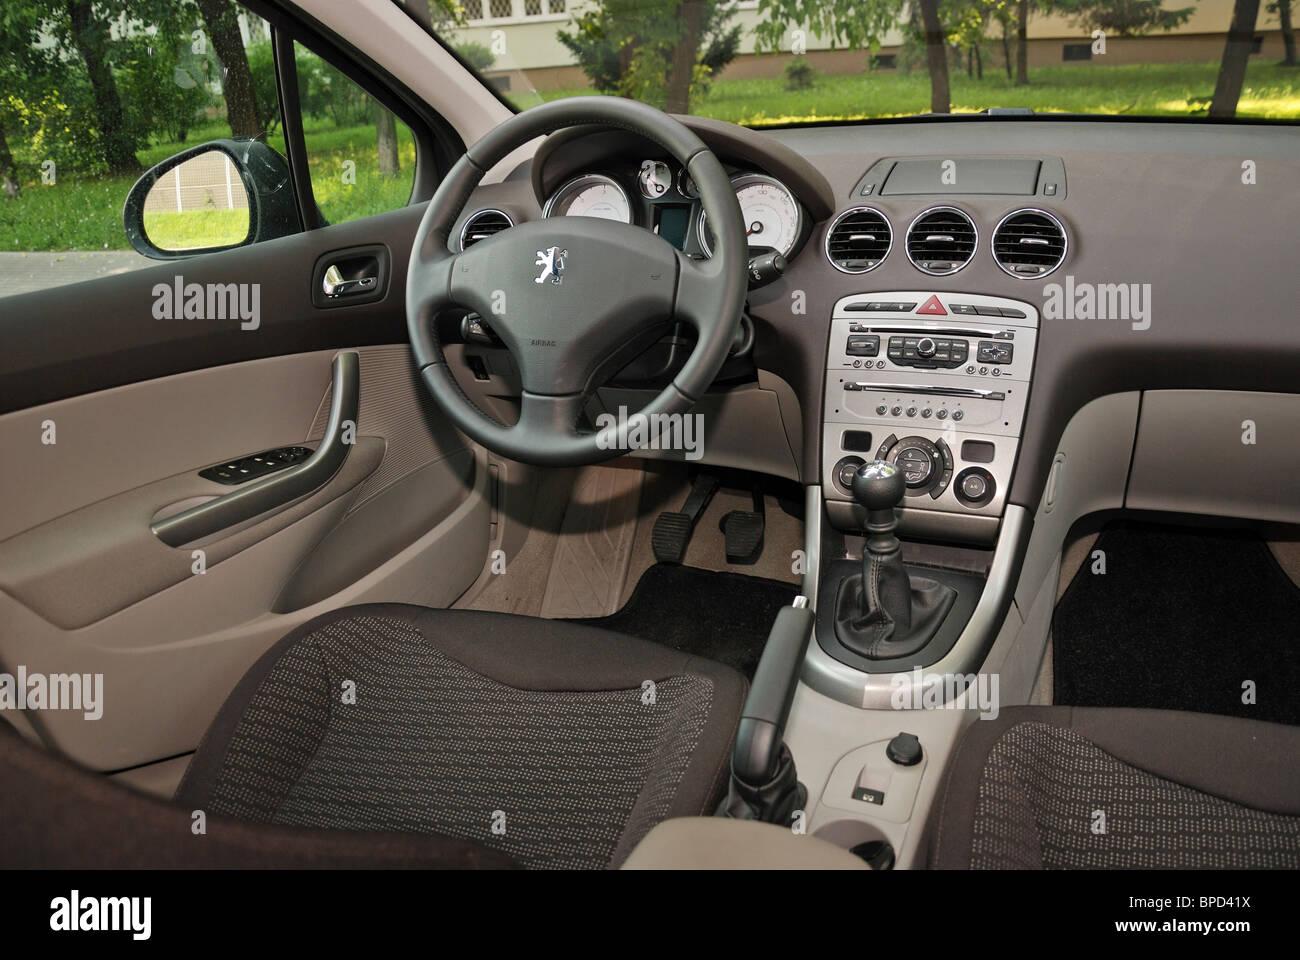 Peugeot 308 SW 1.6 HDI - mein 2010 - französische populäre untere ...